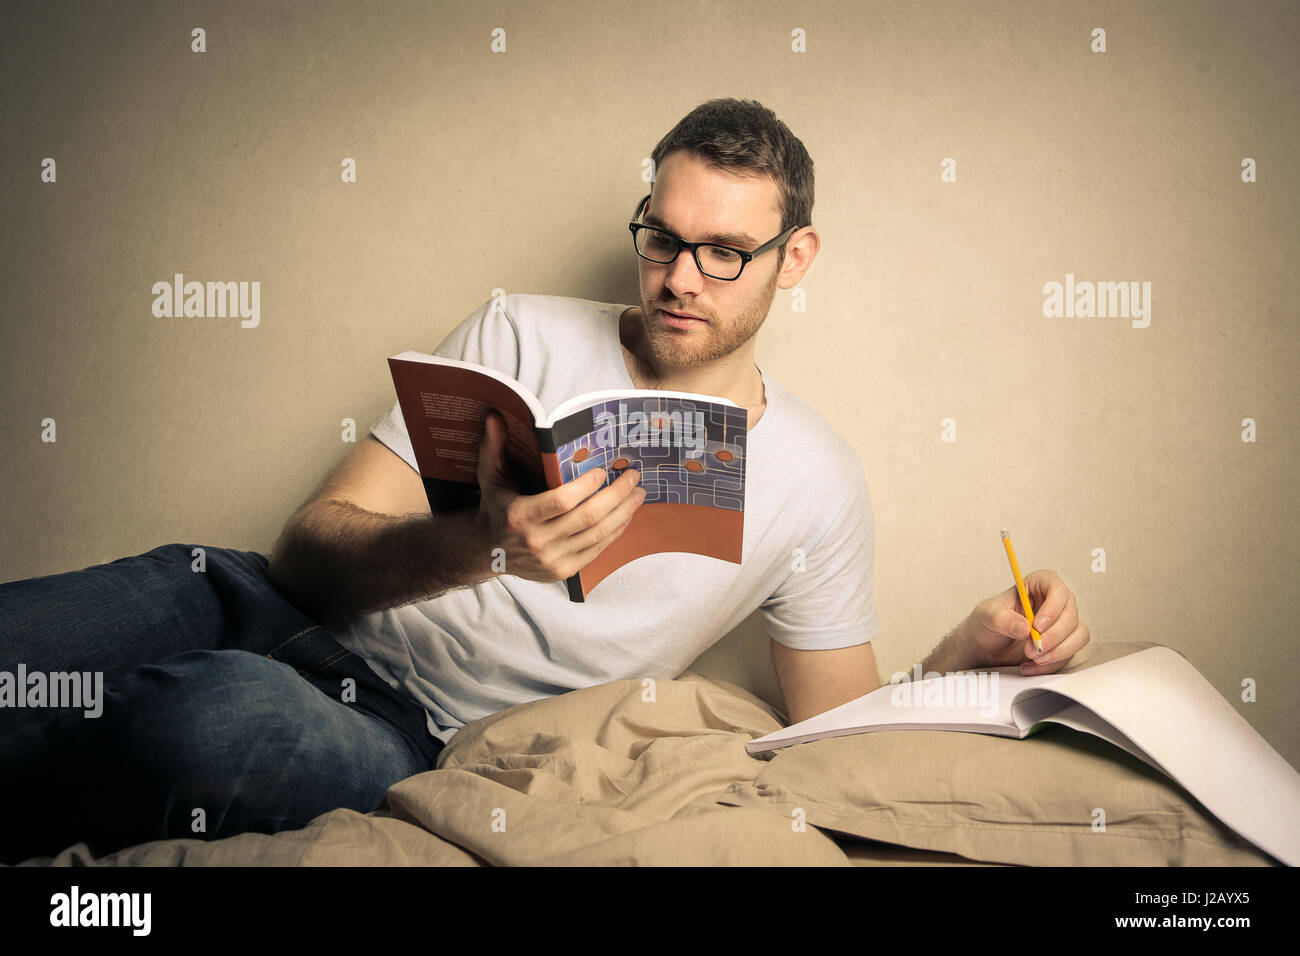 L'étude de l'homme à partir de livres et des notes Photo Stock